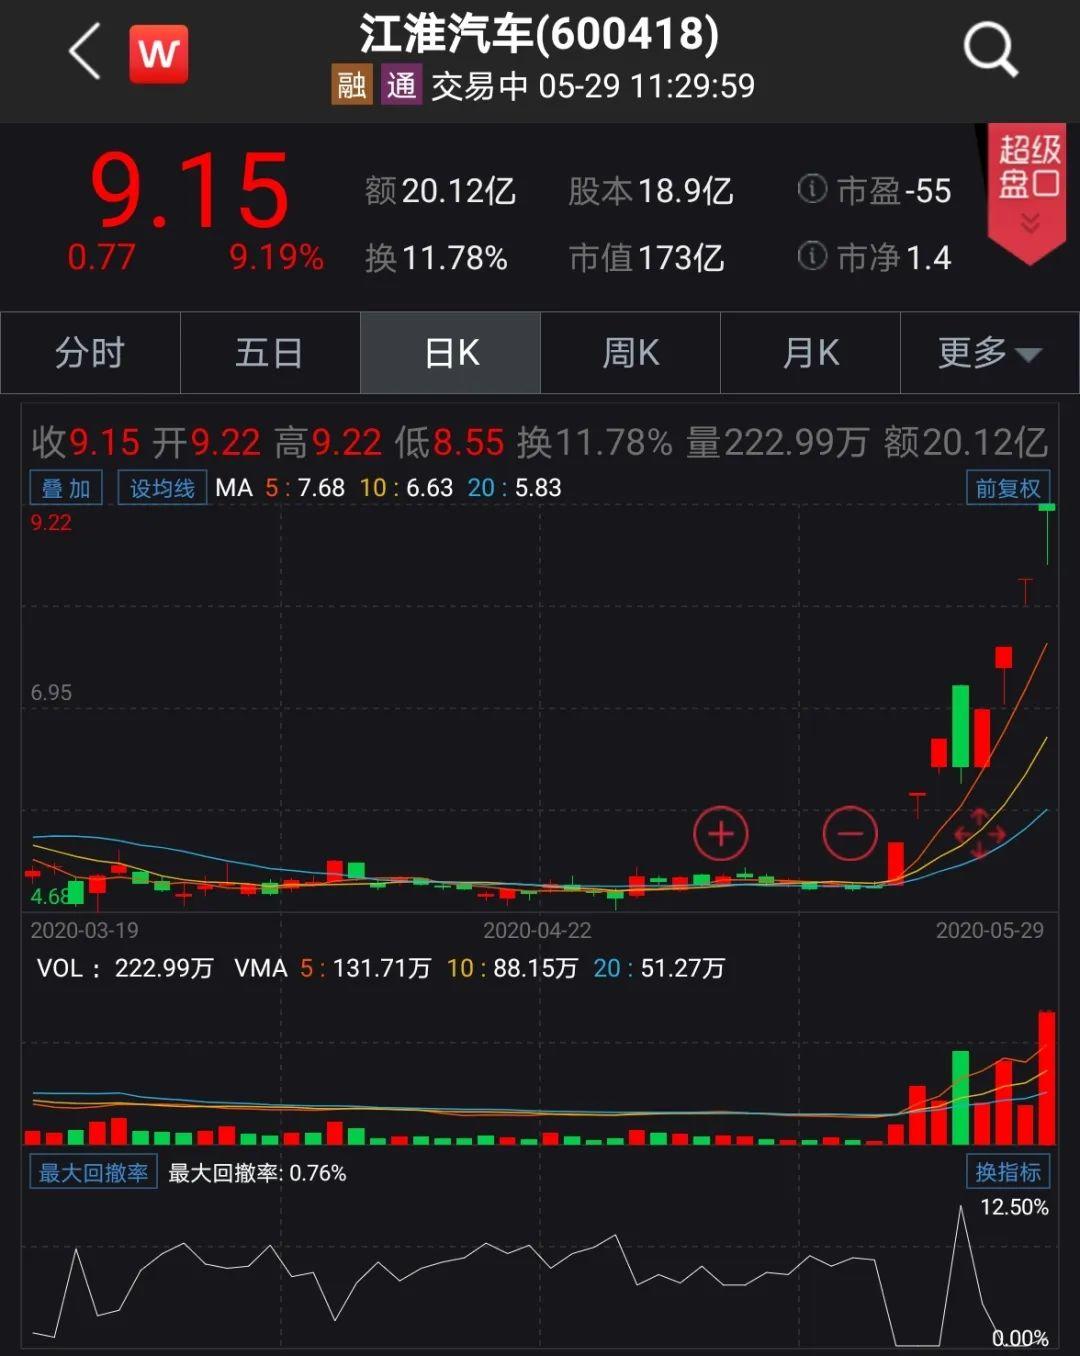 大众豪掷近160亿,砸出中国新能源汽车行业大变局!A股两公司飙涨……